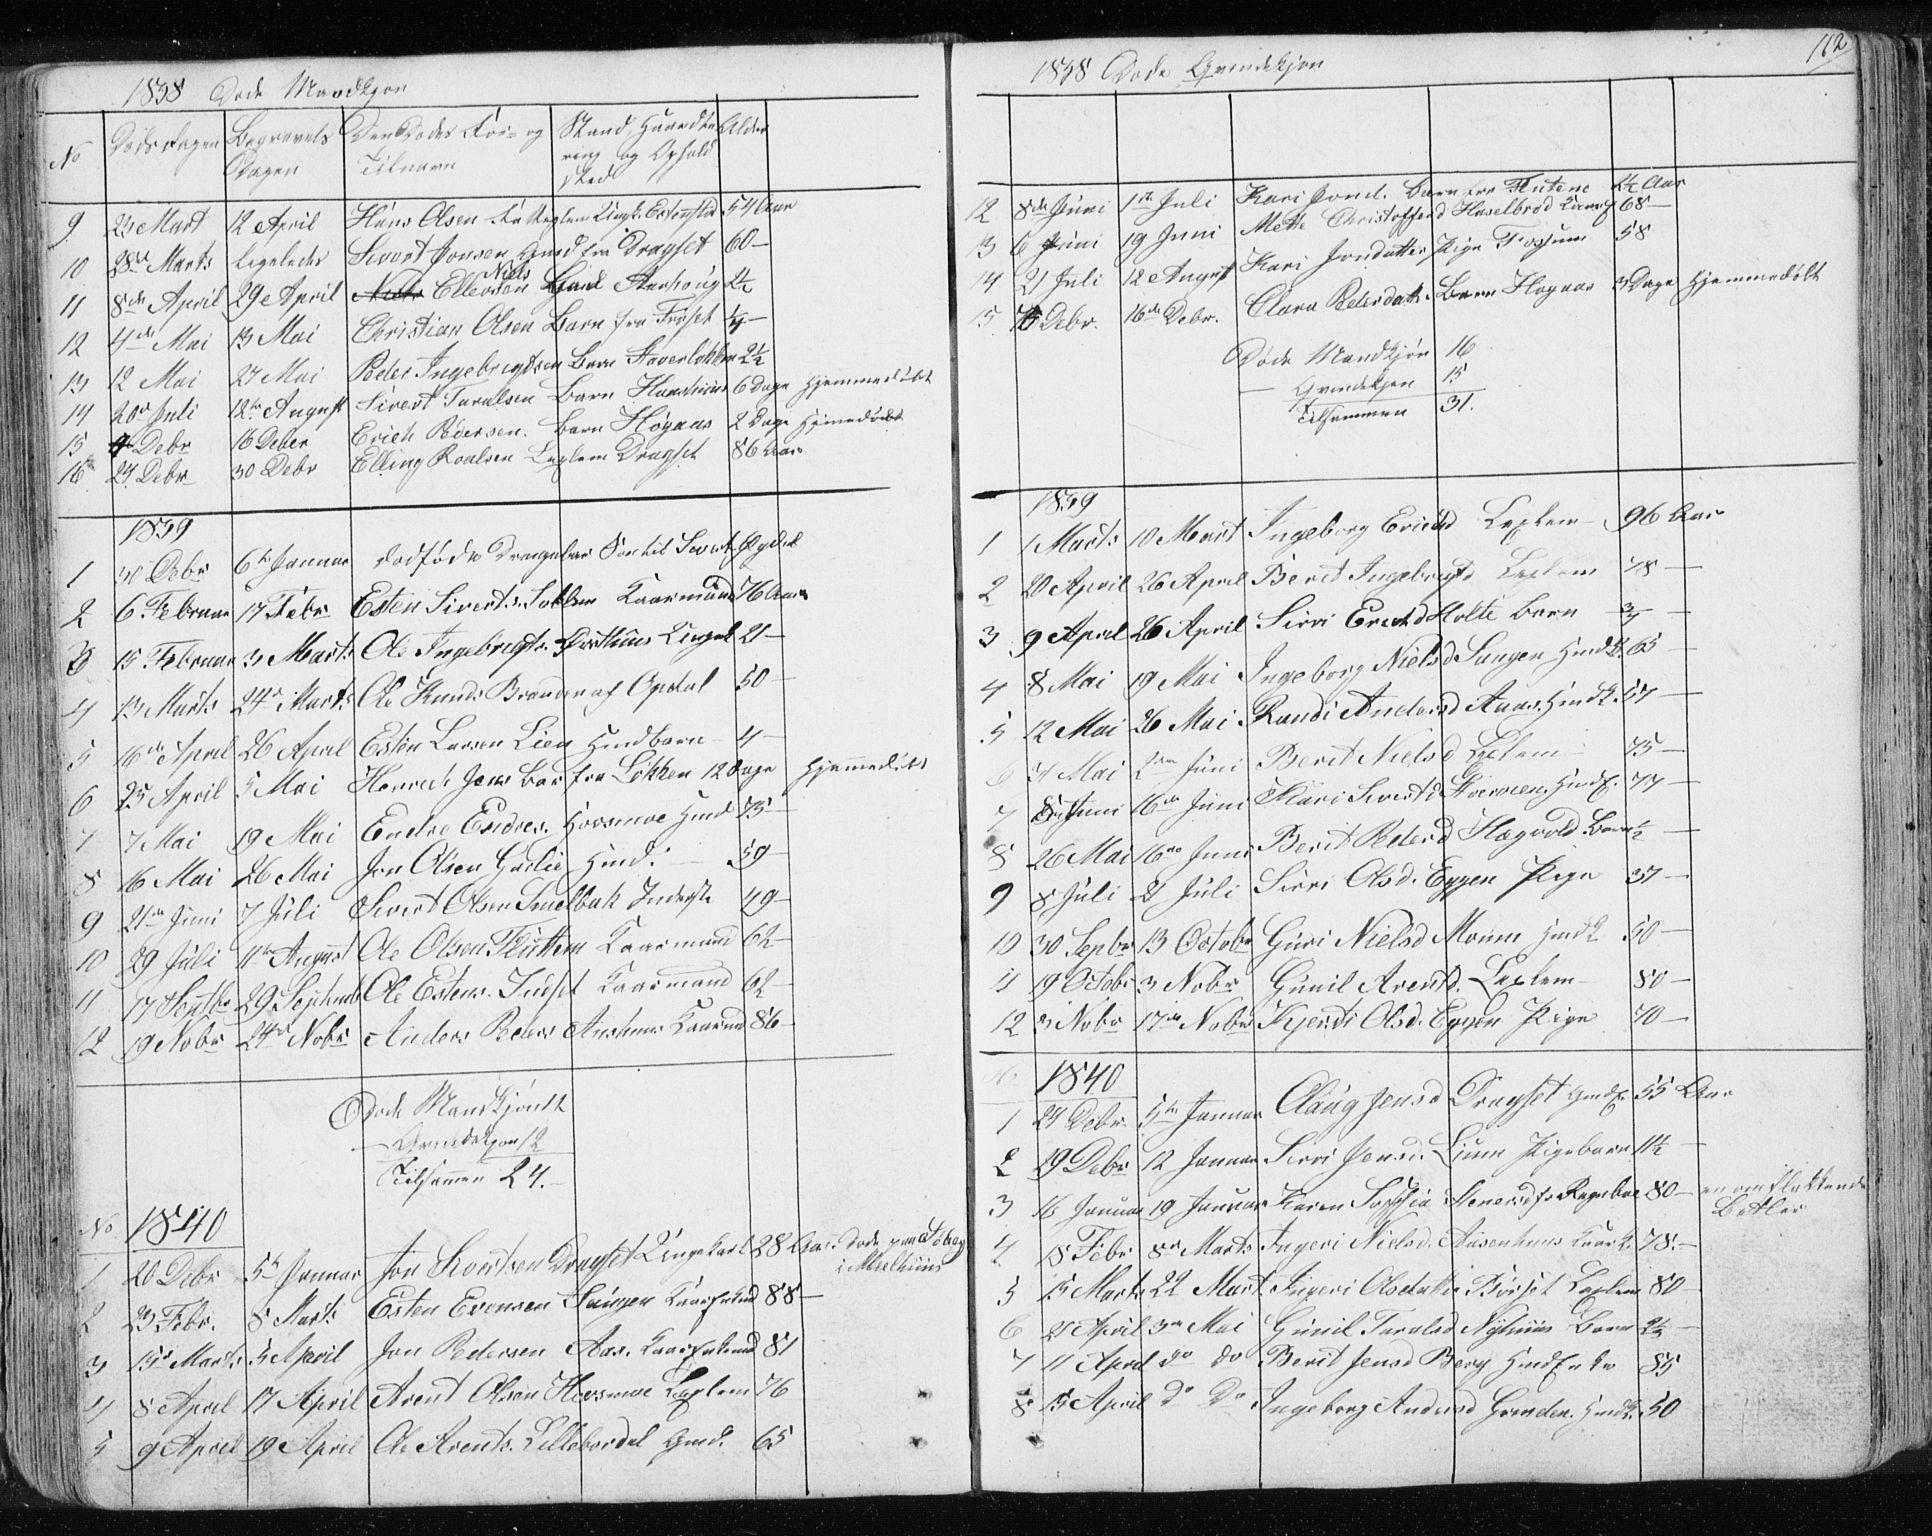 SAT, Ministerialprotokoller, klokkerbøker og fødselsregistre - Sør-Trøndelag, 689/L1043: Klokkerbok nr. 689C02, 1816-1892, s. 162